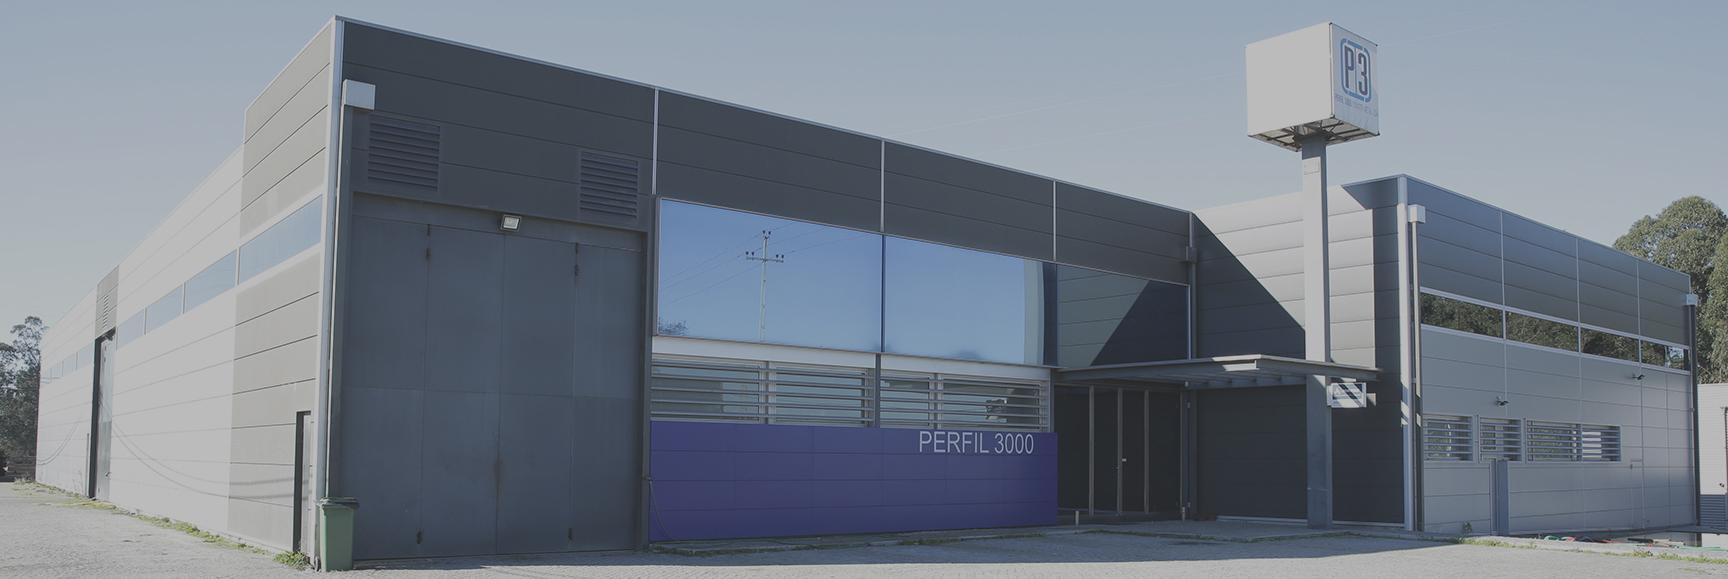 fachada-perfil-3000